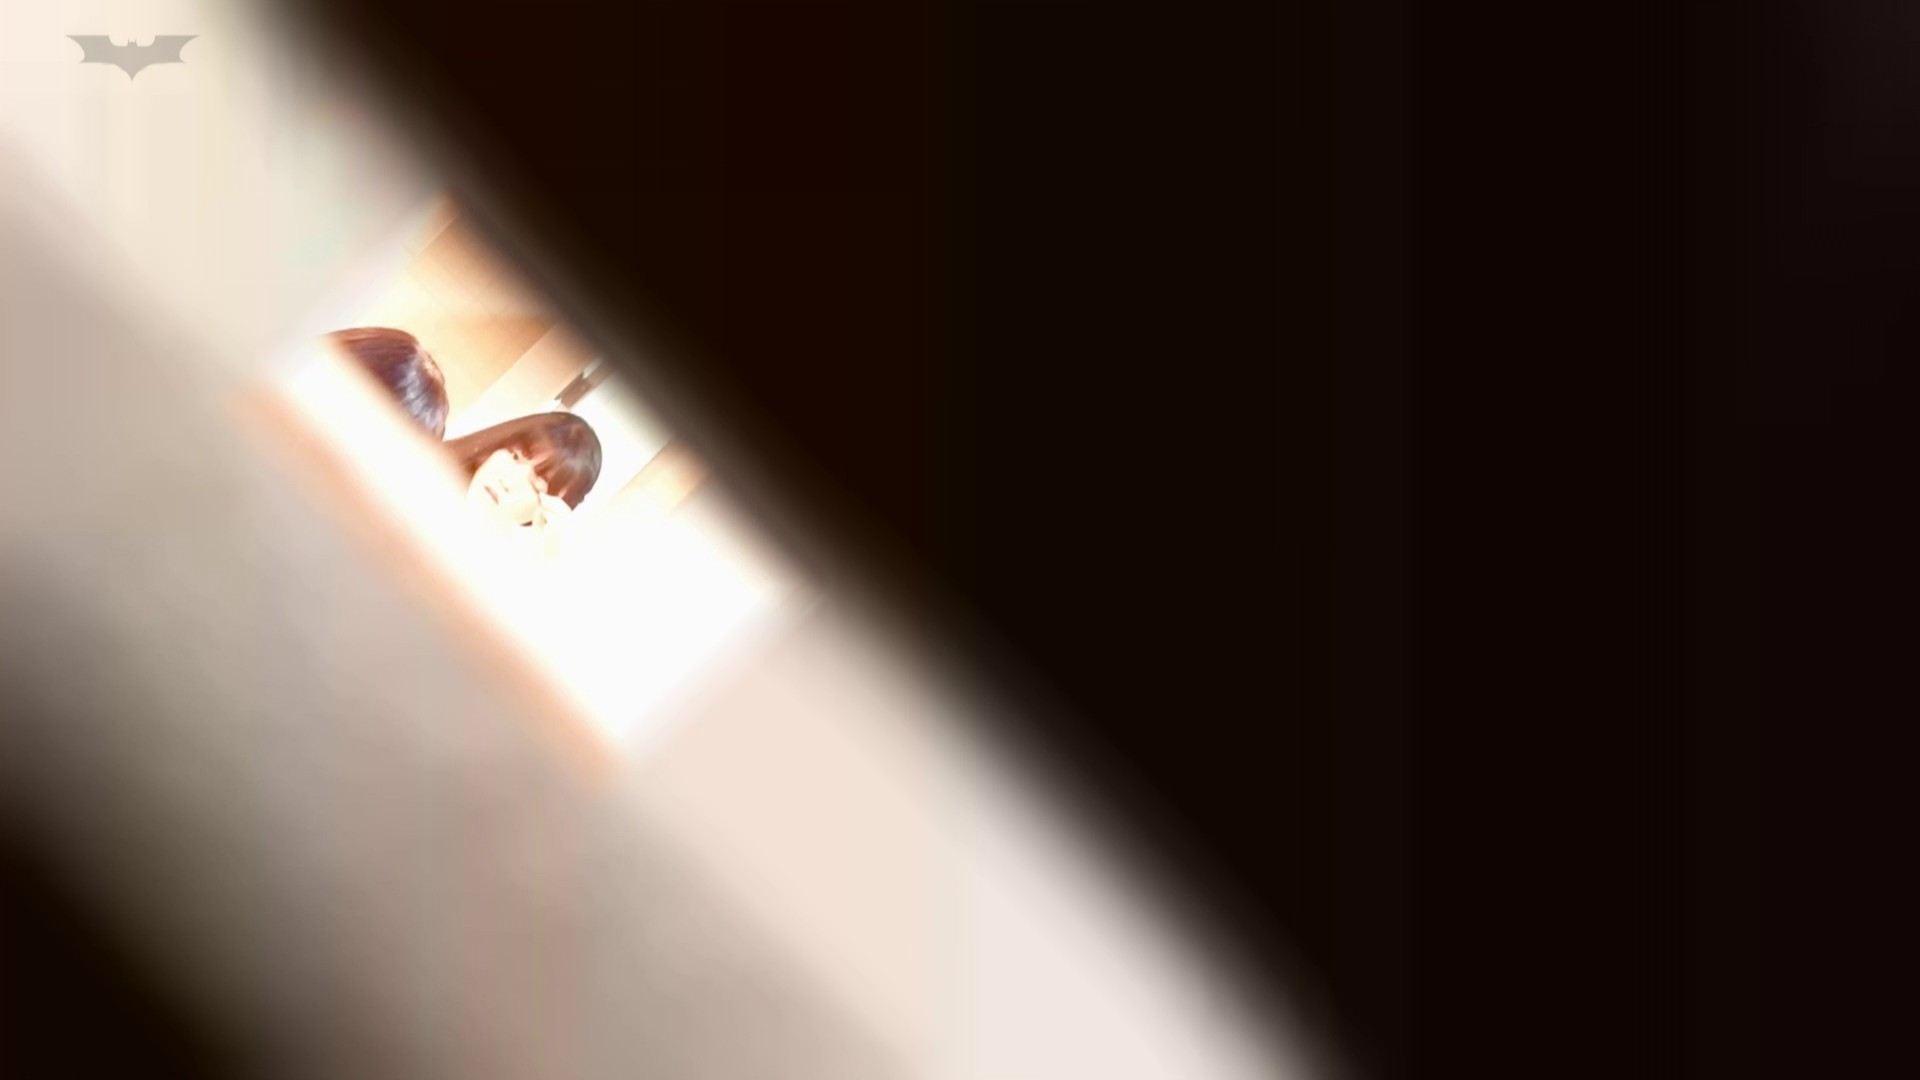 ▲復活限定D▲第三体育館潜入撮File018 夏帆に激似現役の未開発の下を 洗面所のぞき おめこ無修正動画無料 96枚 24